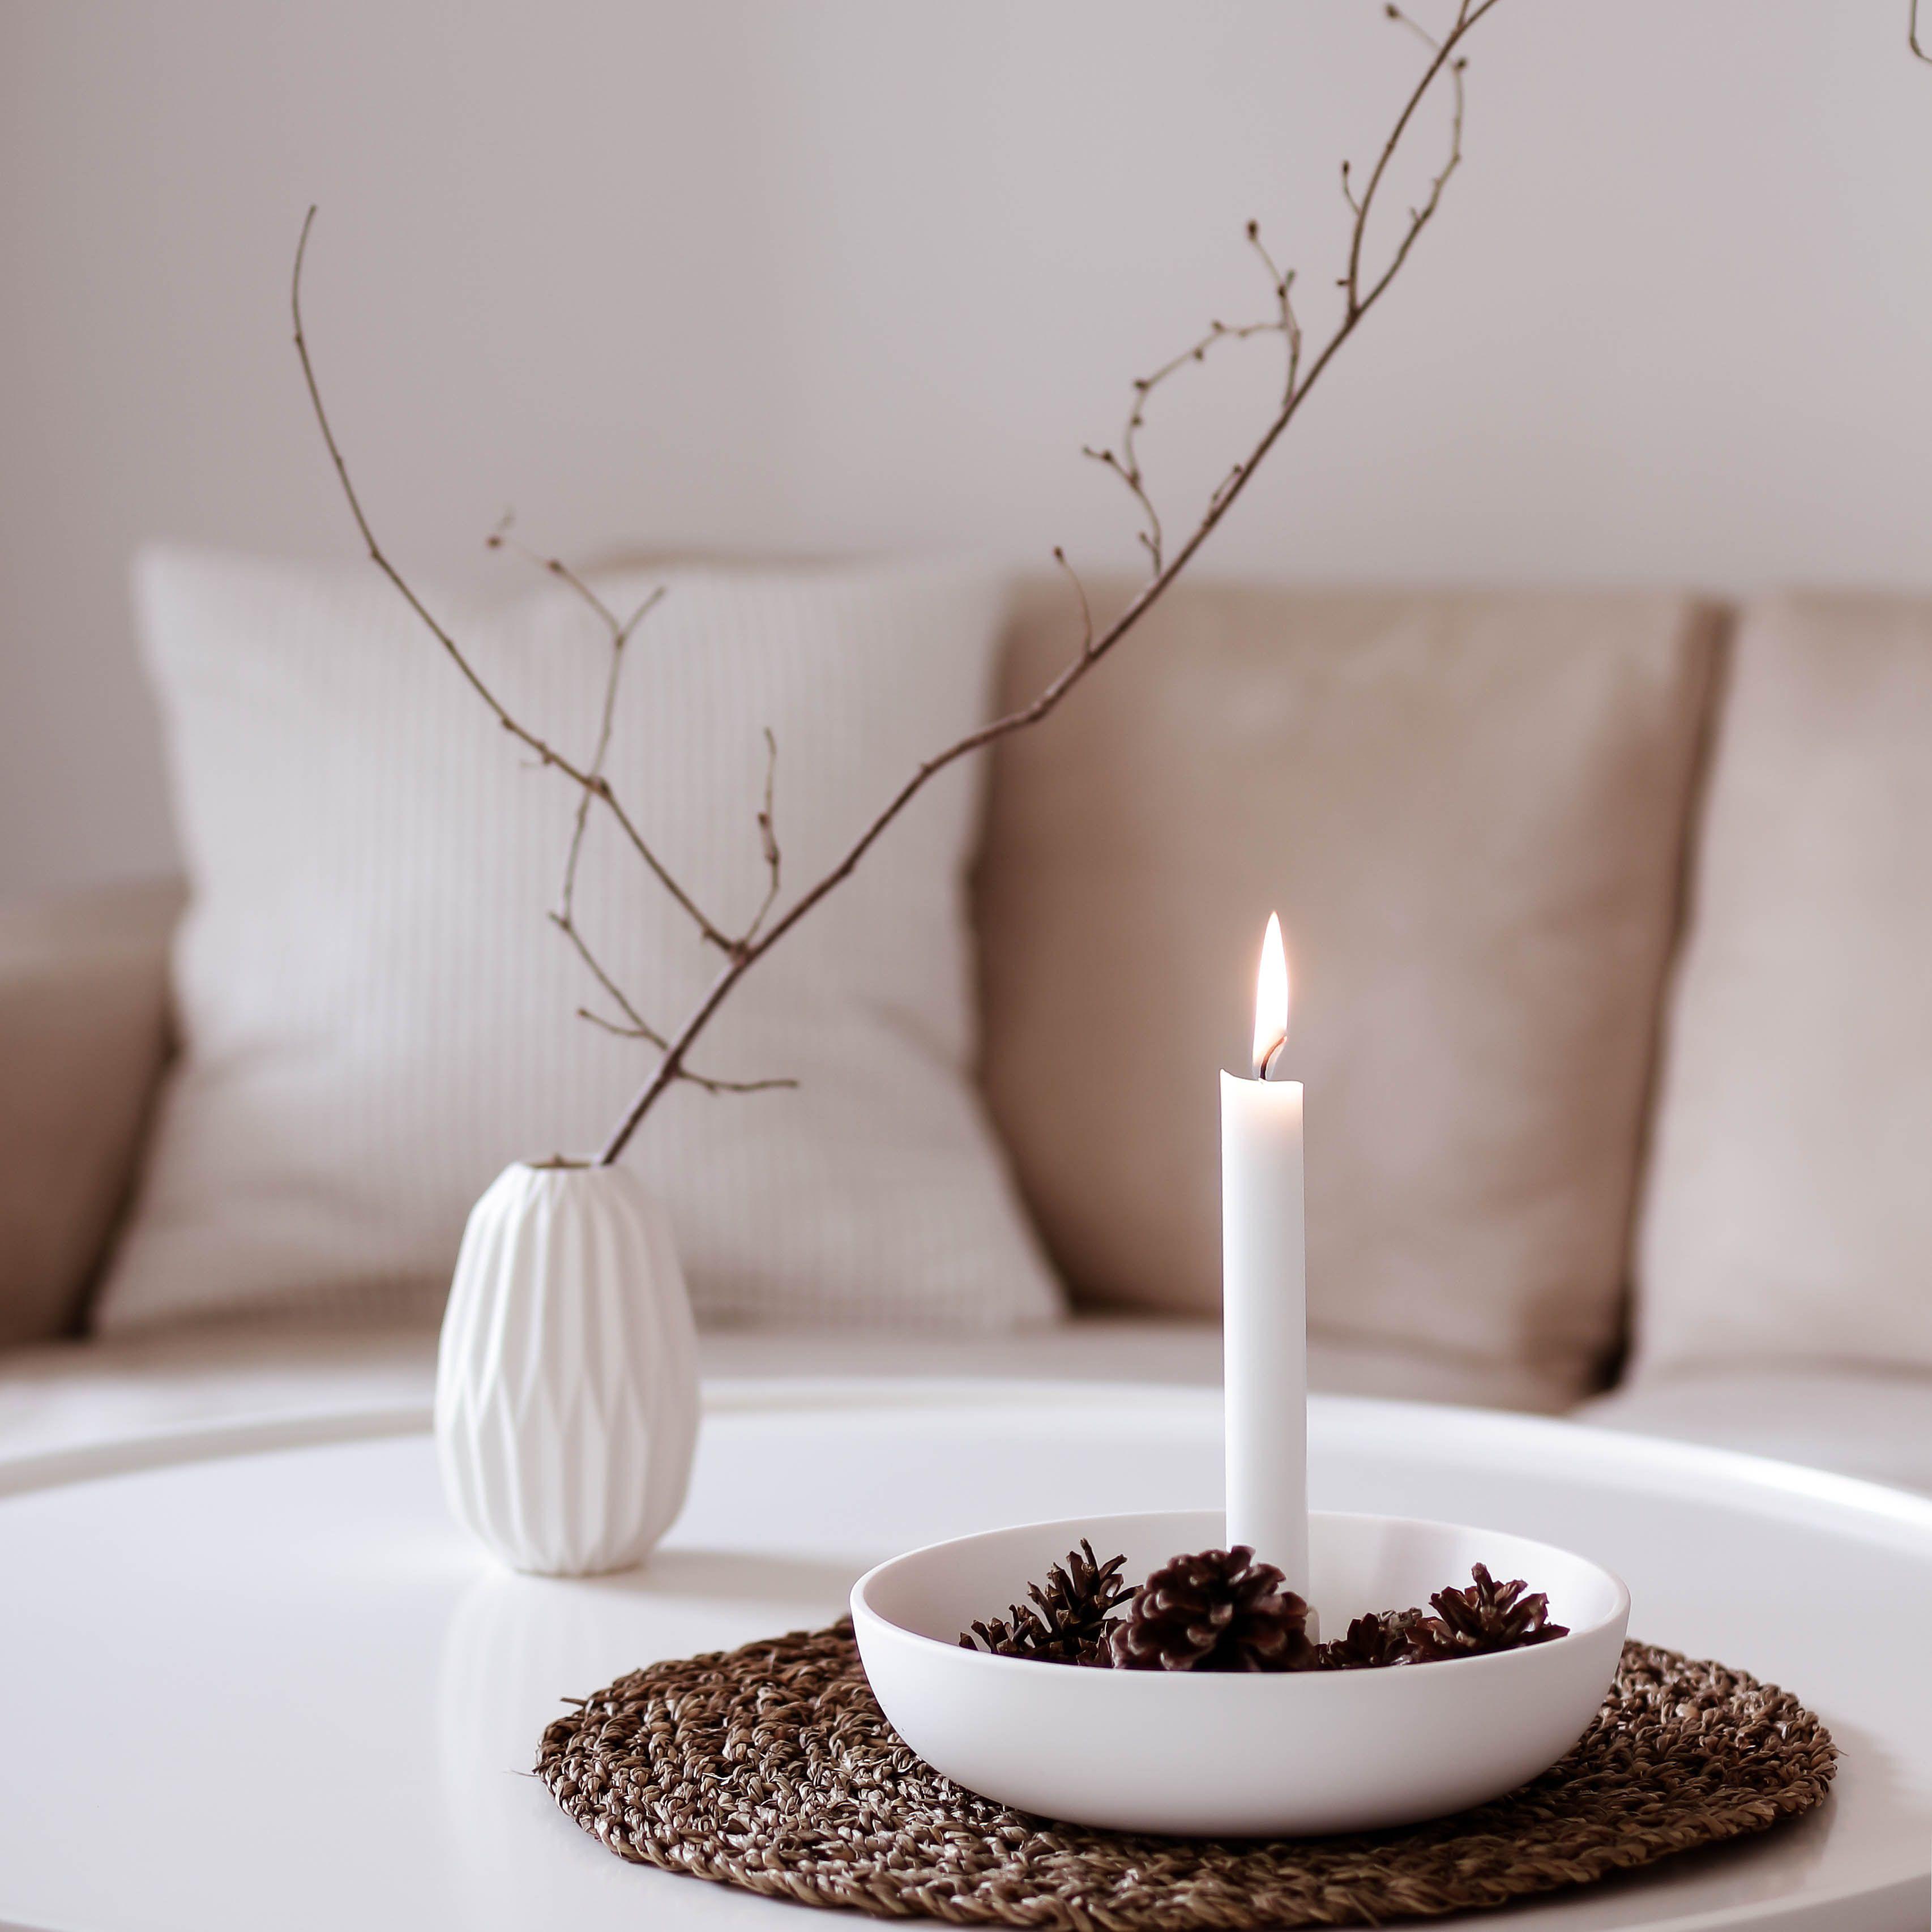 Wohnzimmer Dekoration Kerzenhalter natürlich beige in 10  Deko